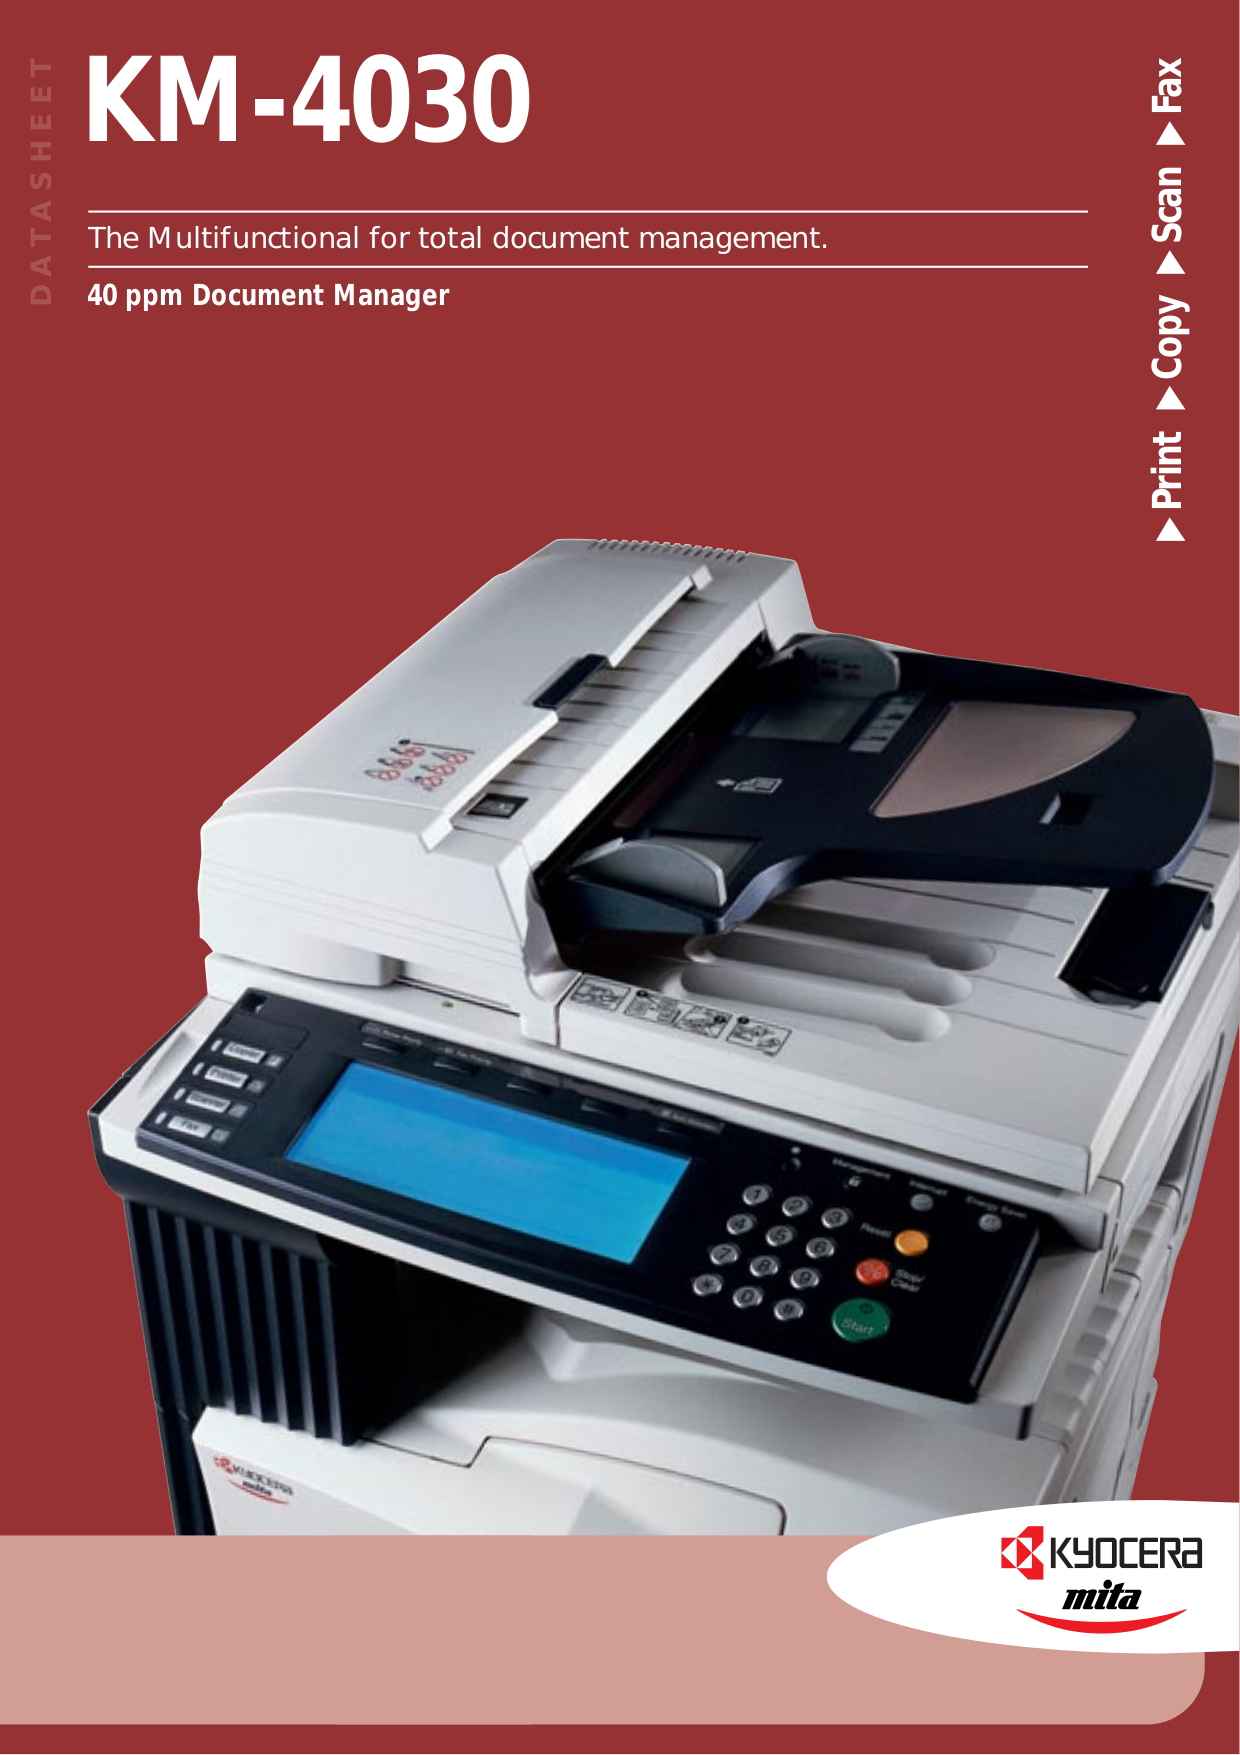 Download free pdf for Kyocera KM-4030 Multifunction Printer manual